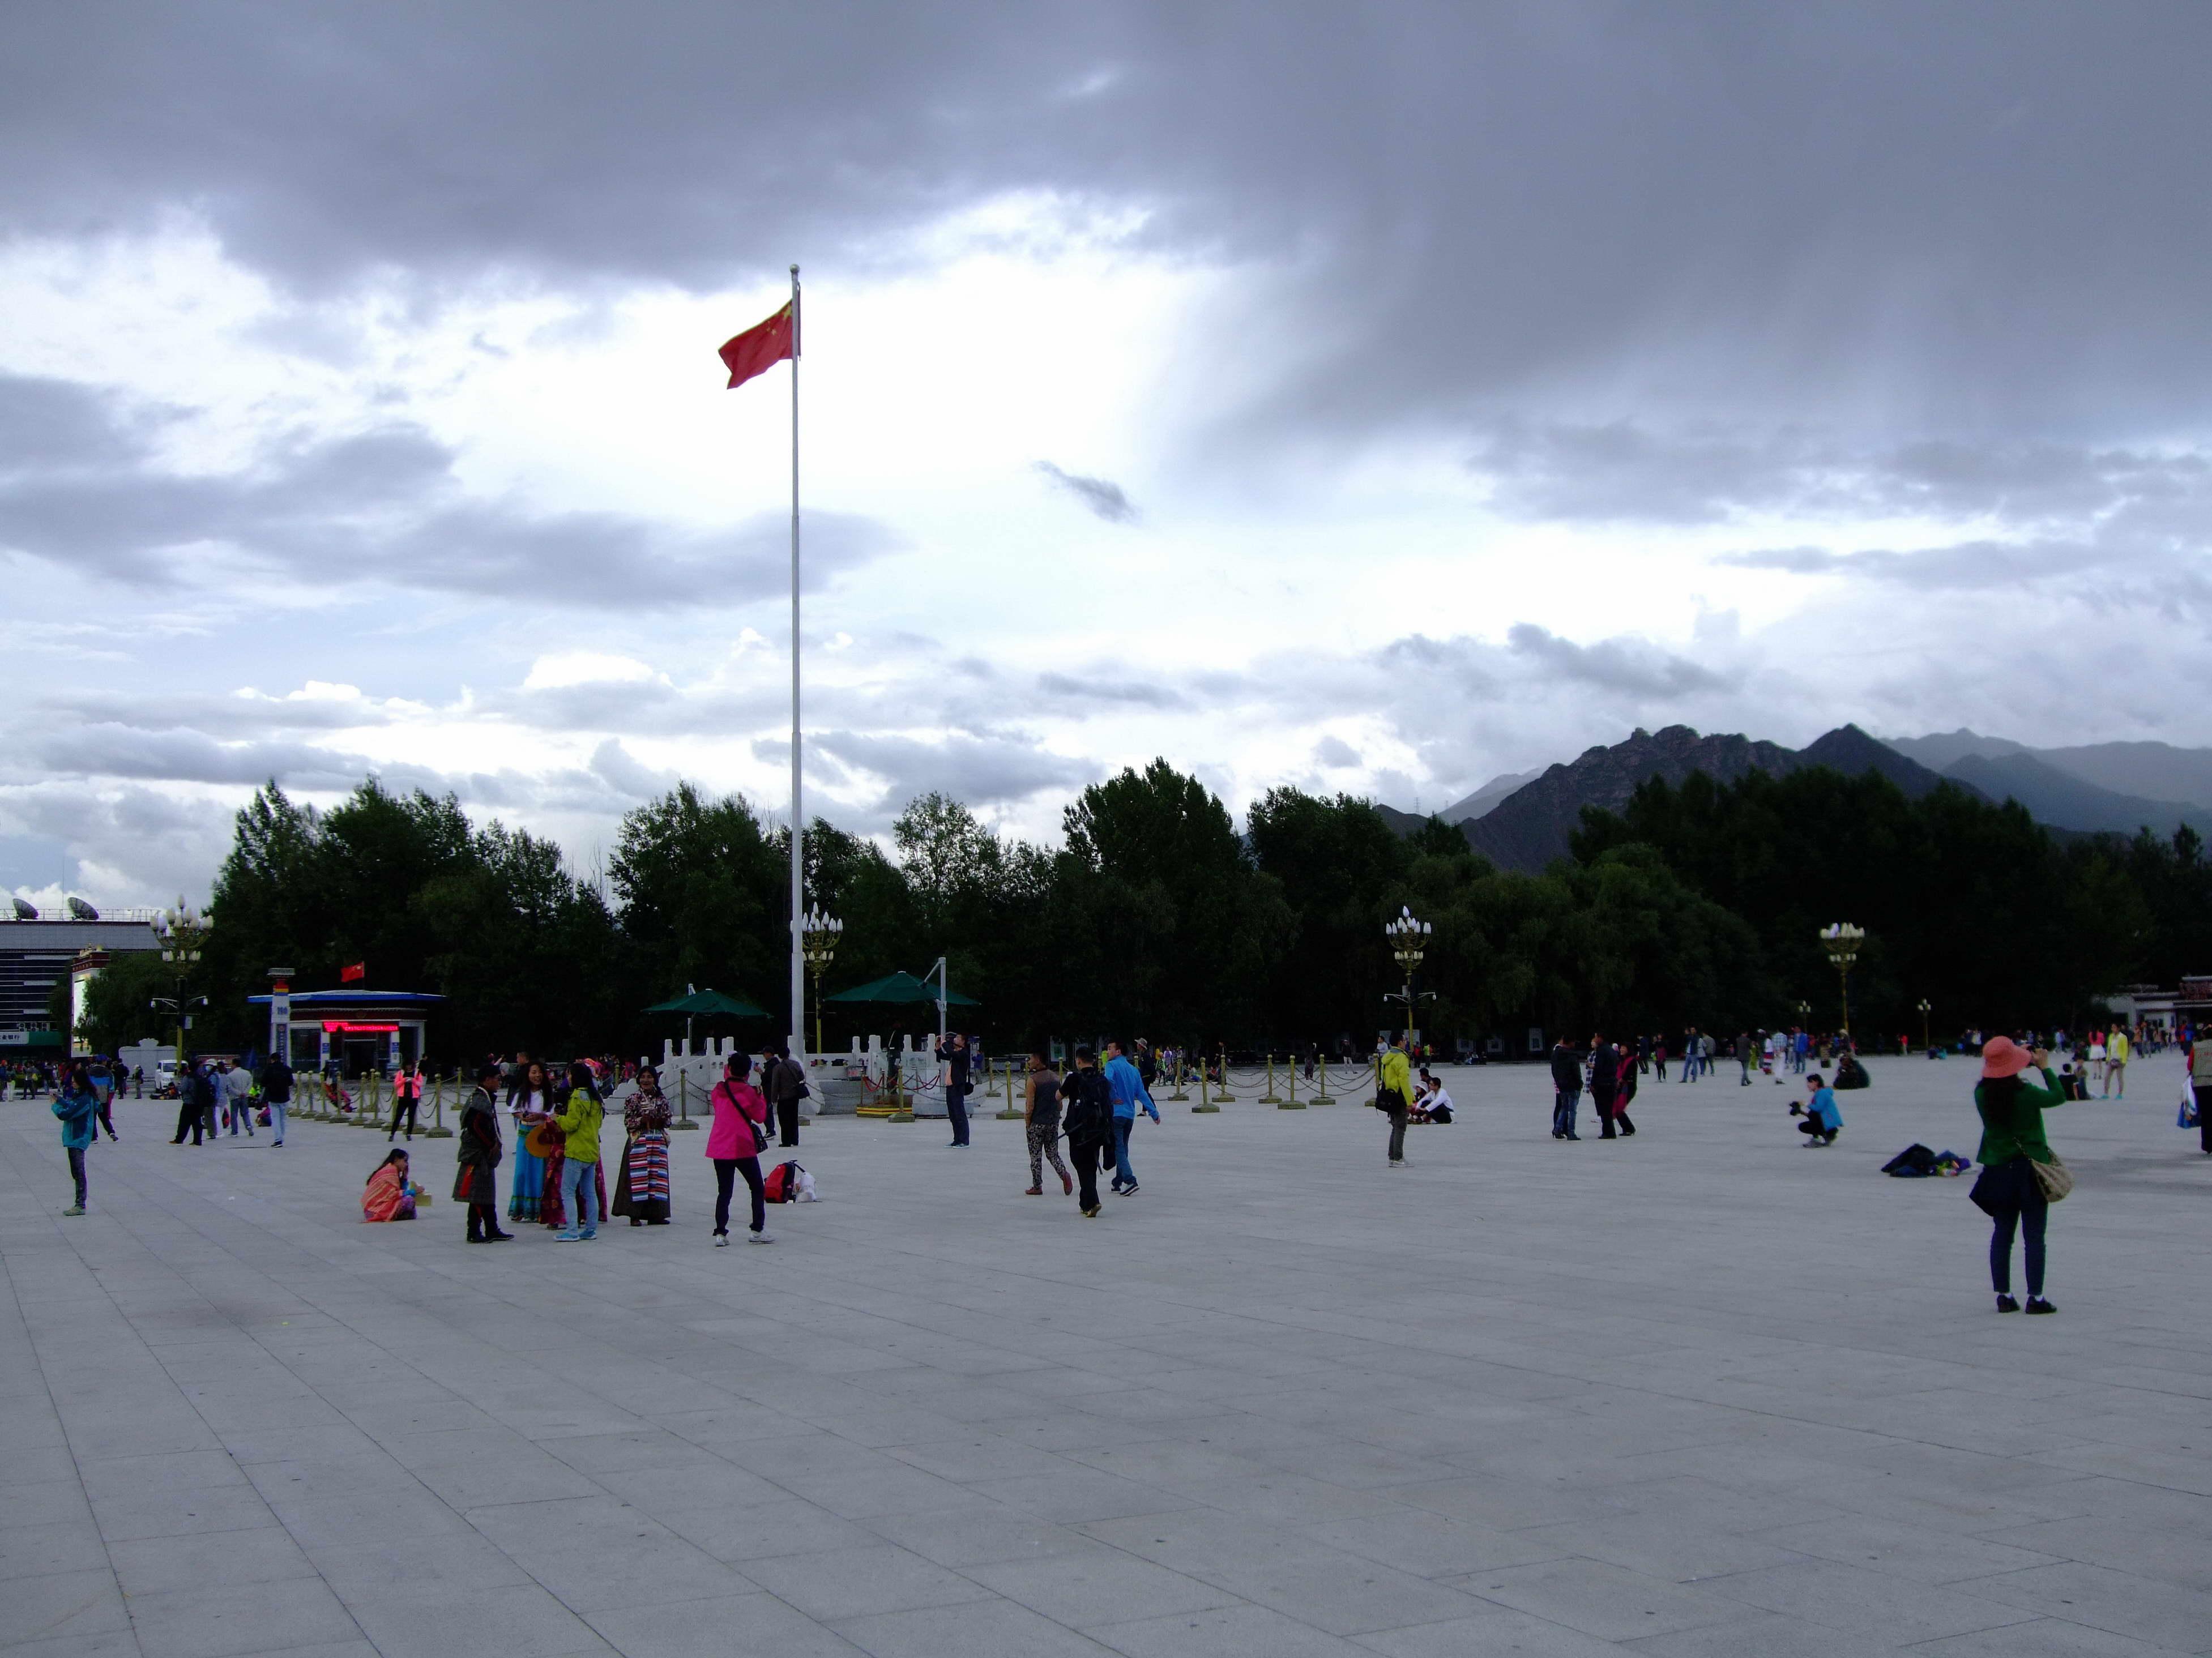 布达拉宫广场飘扬的五星红旗